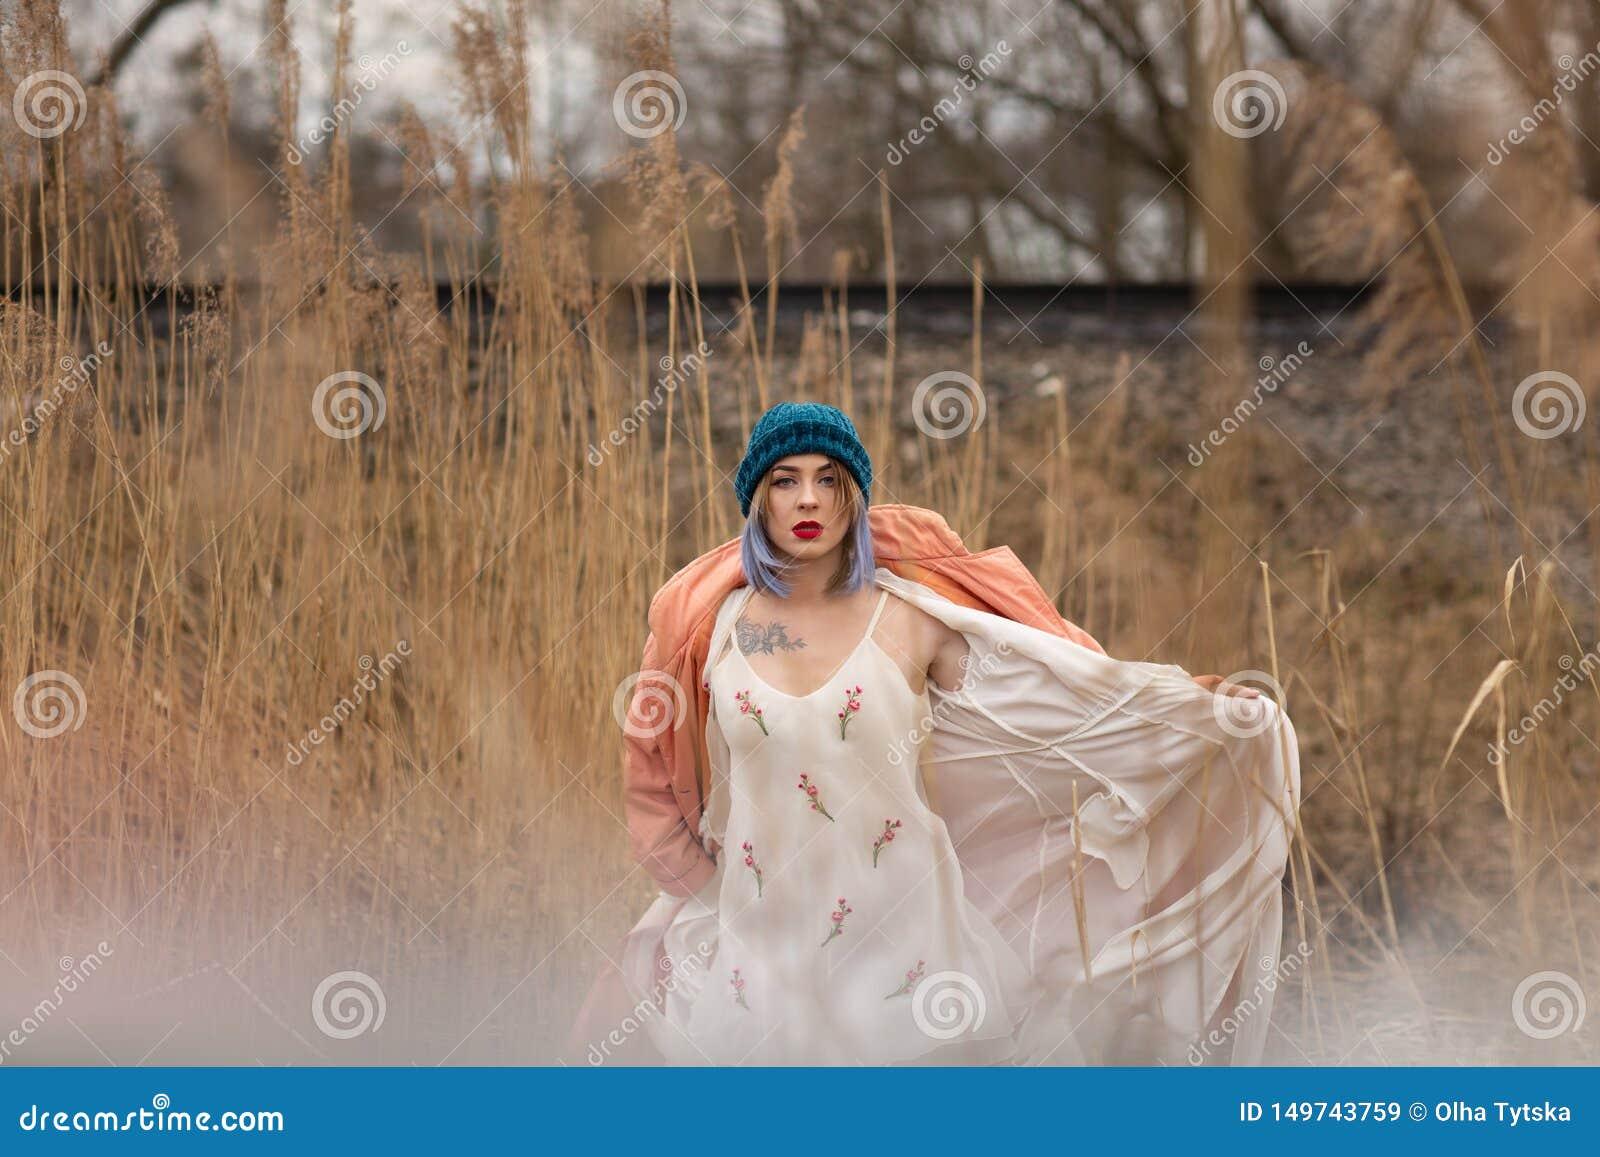 Маленькая девочка в красивом белом платье и стильной шляпе представляет в пшеничном поле